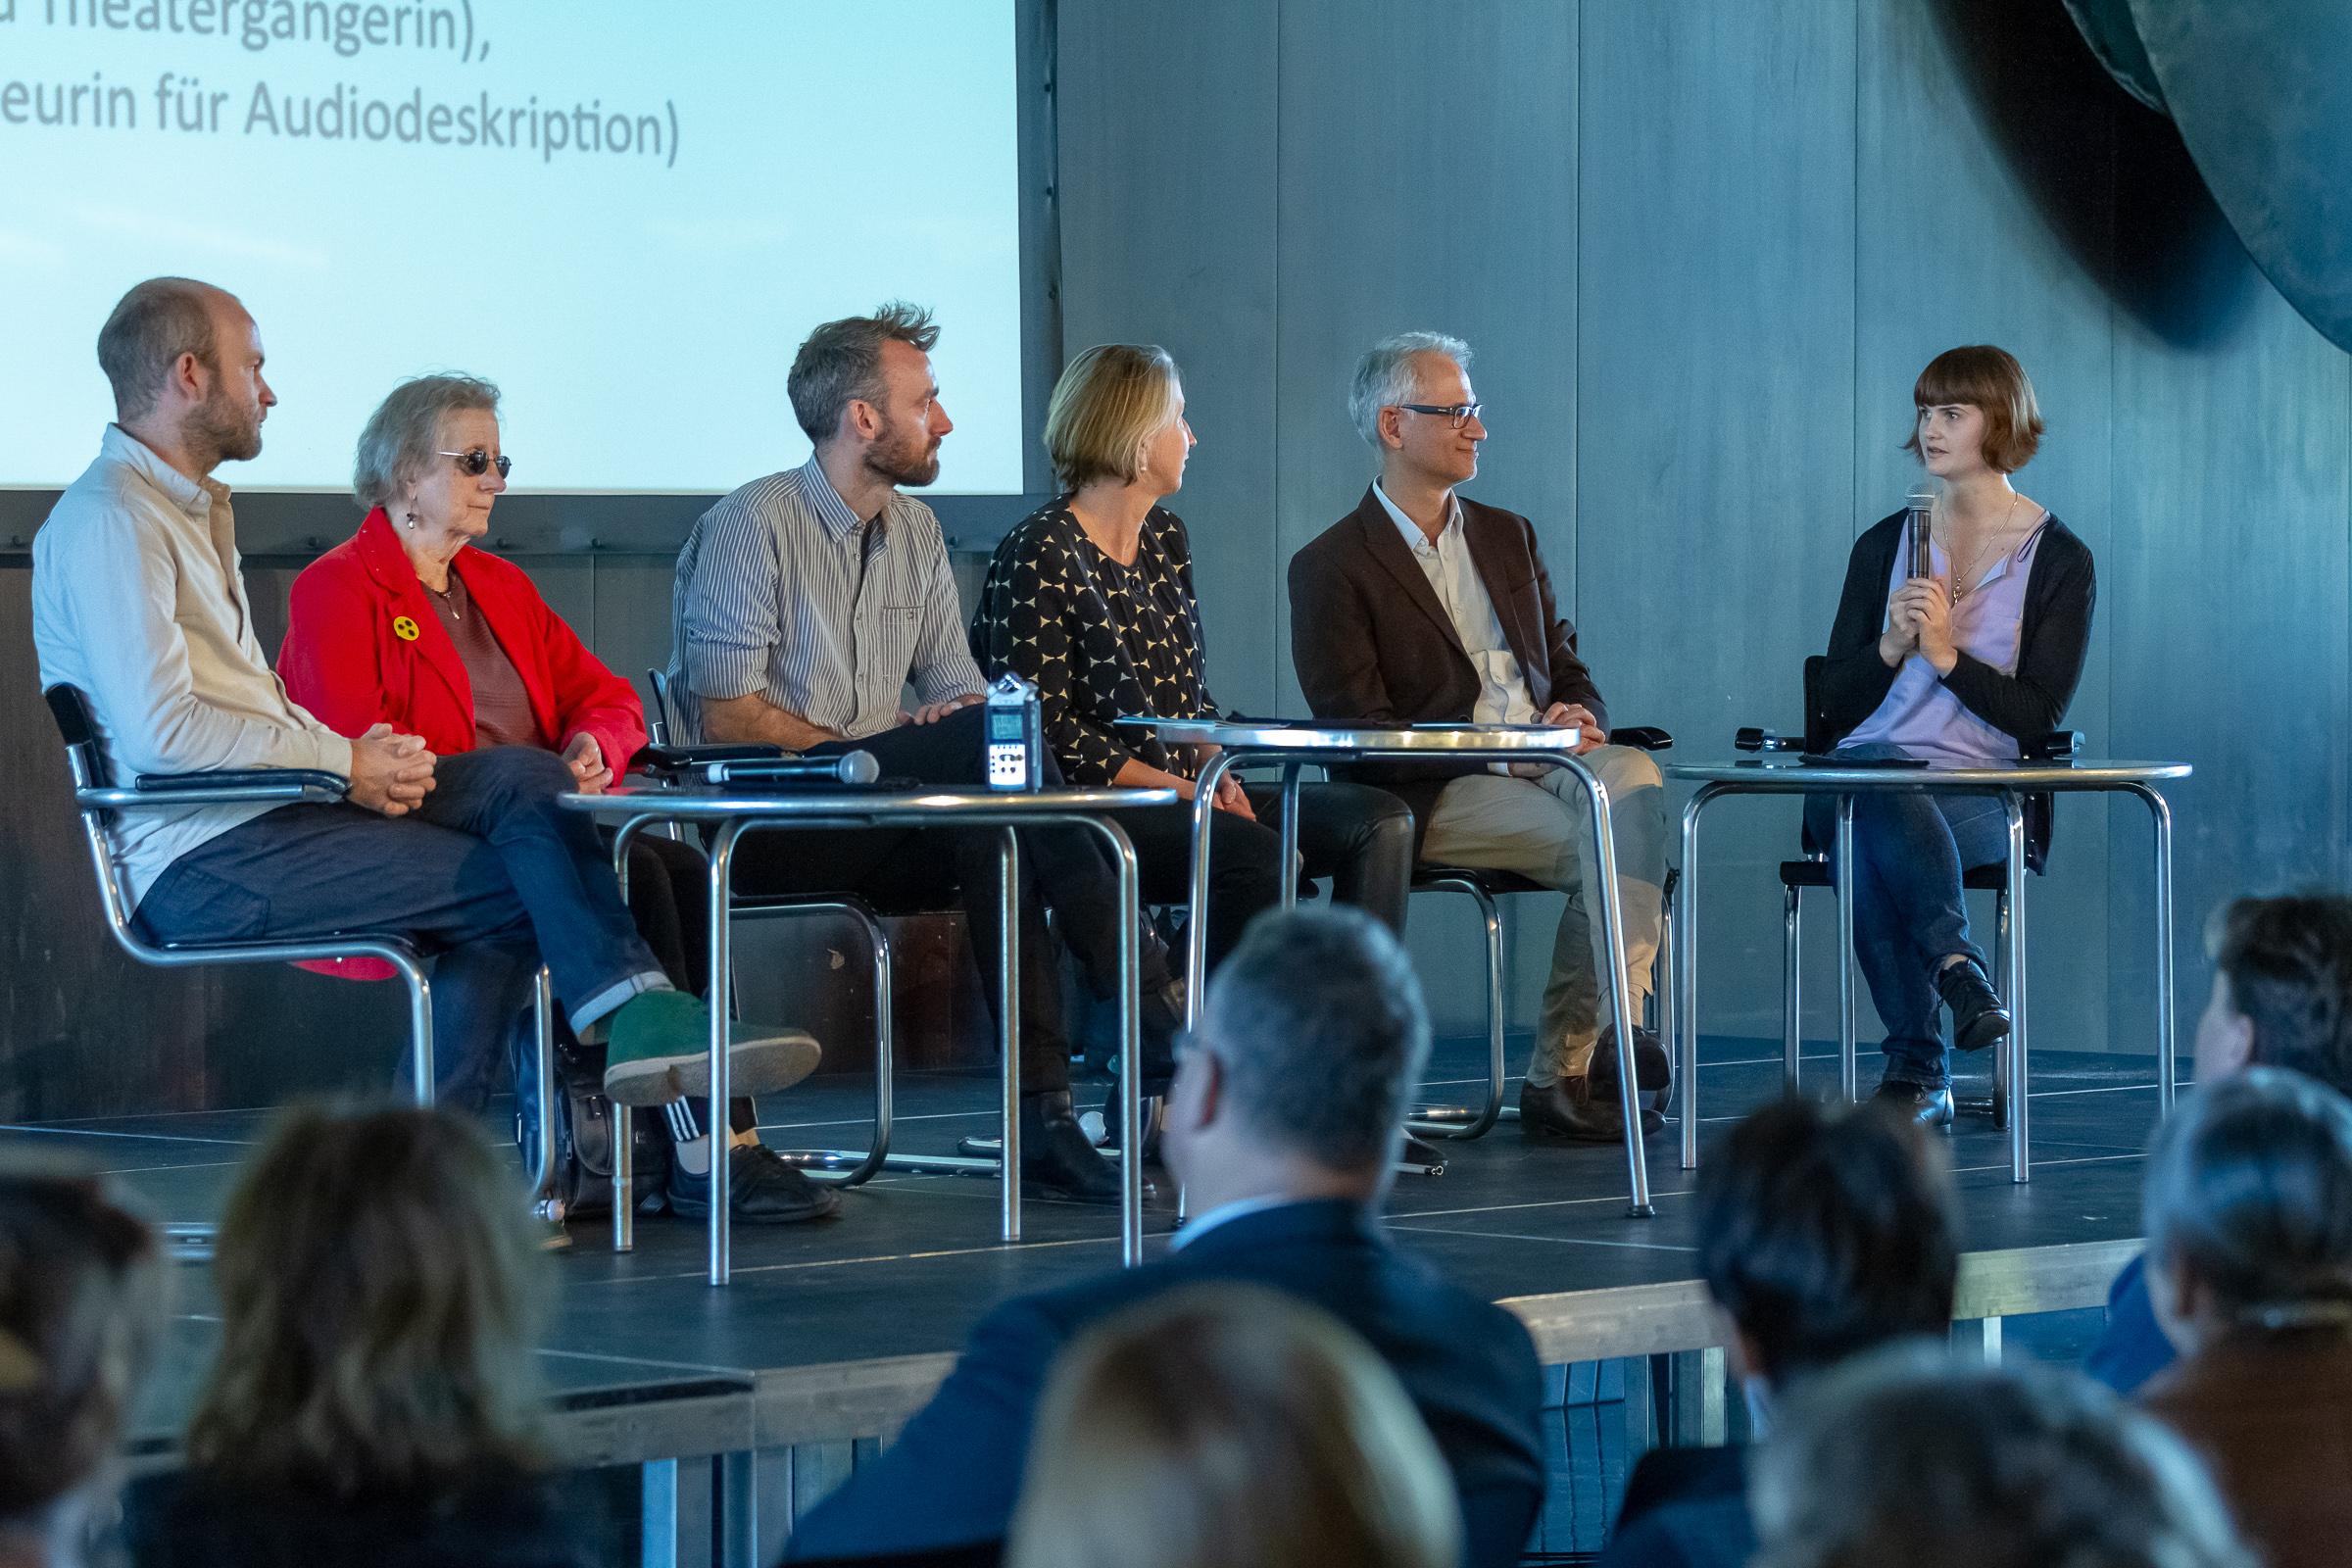 Gäste der Podiumsdisussion im Gespräch, Lavinia Knop-Waling sitzt rechts auf der Bühne und spricht in ein Mikrophon